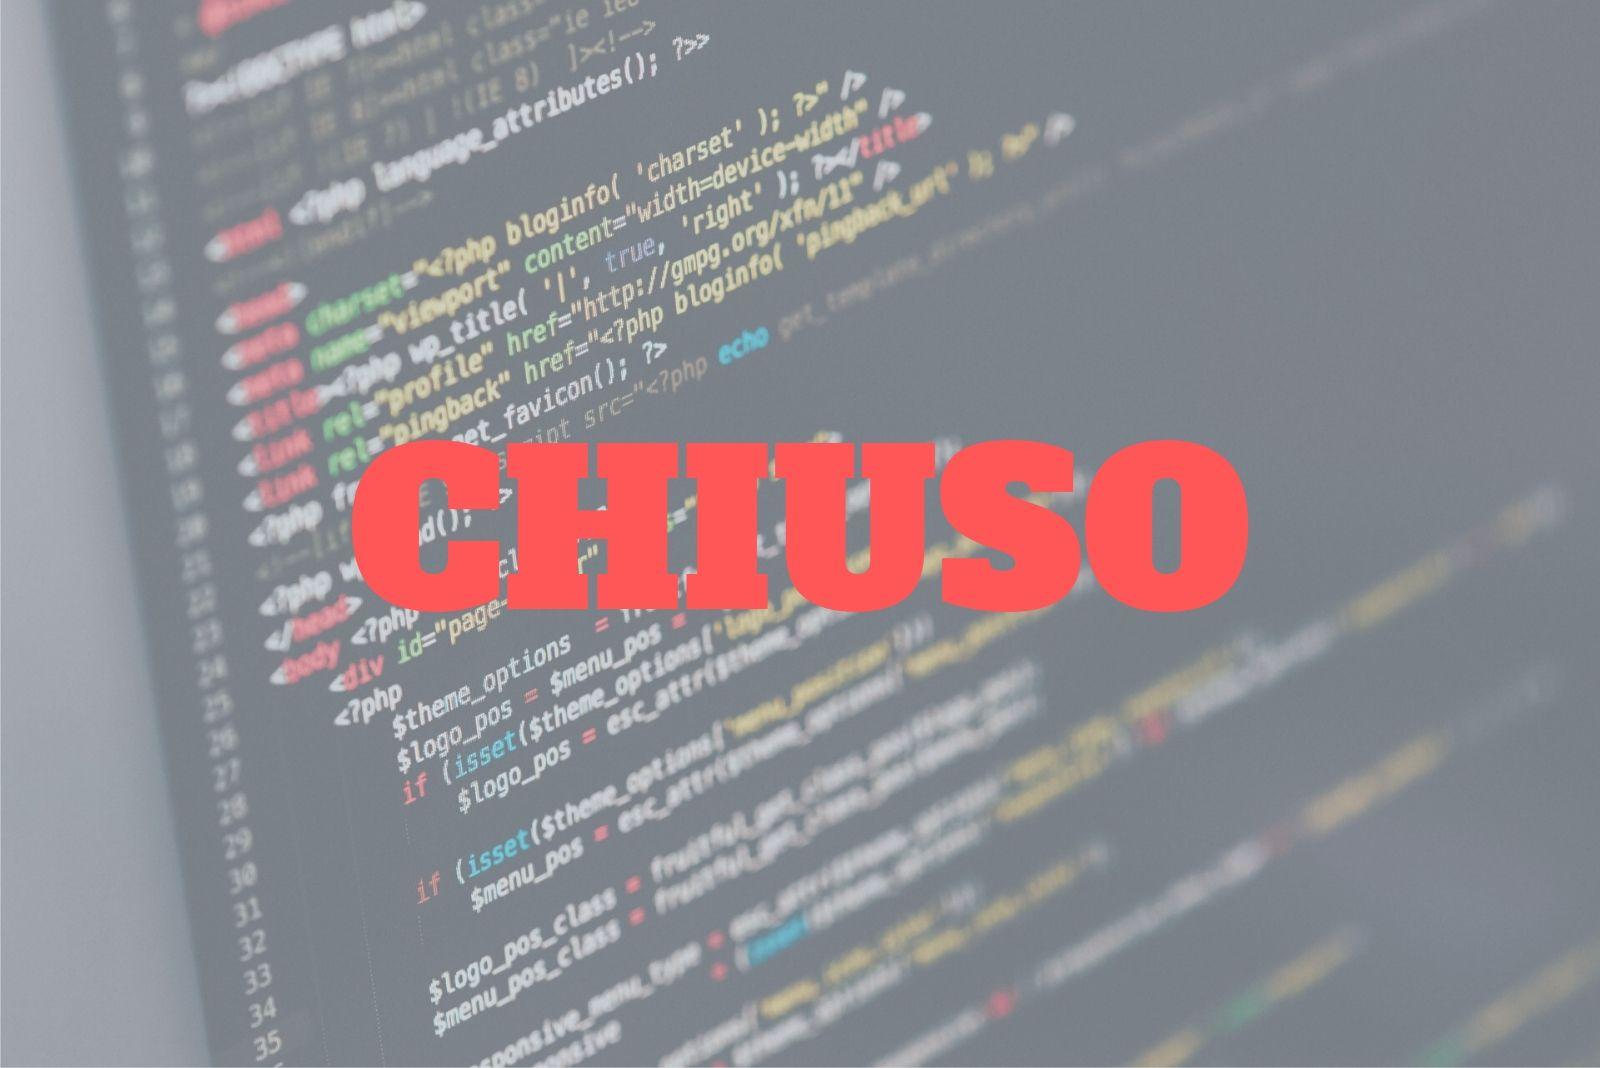 La ricerca Forma-x per programmatore senior full stack Java è chiusa